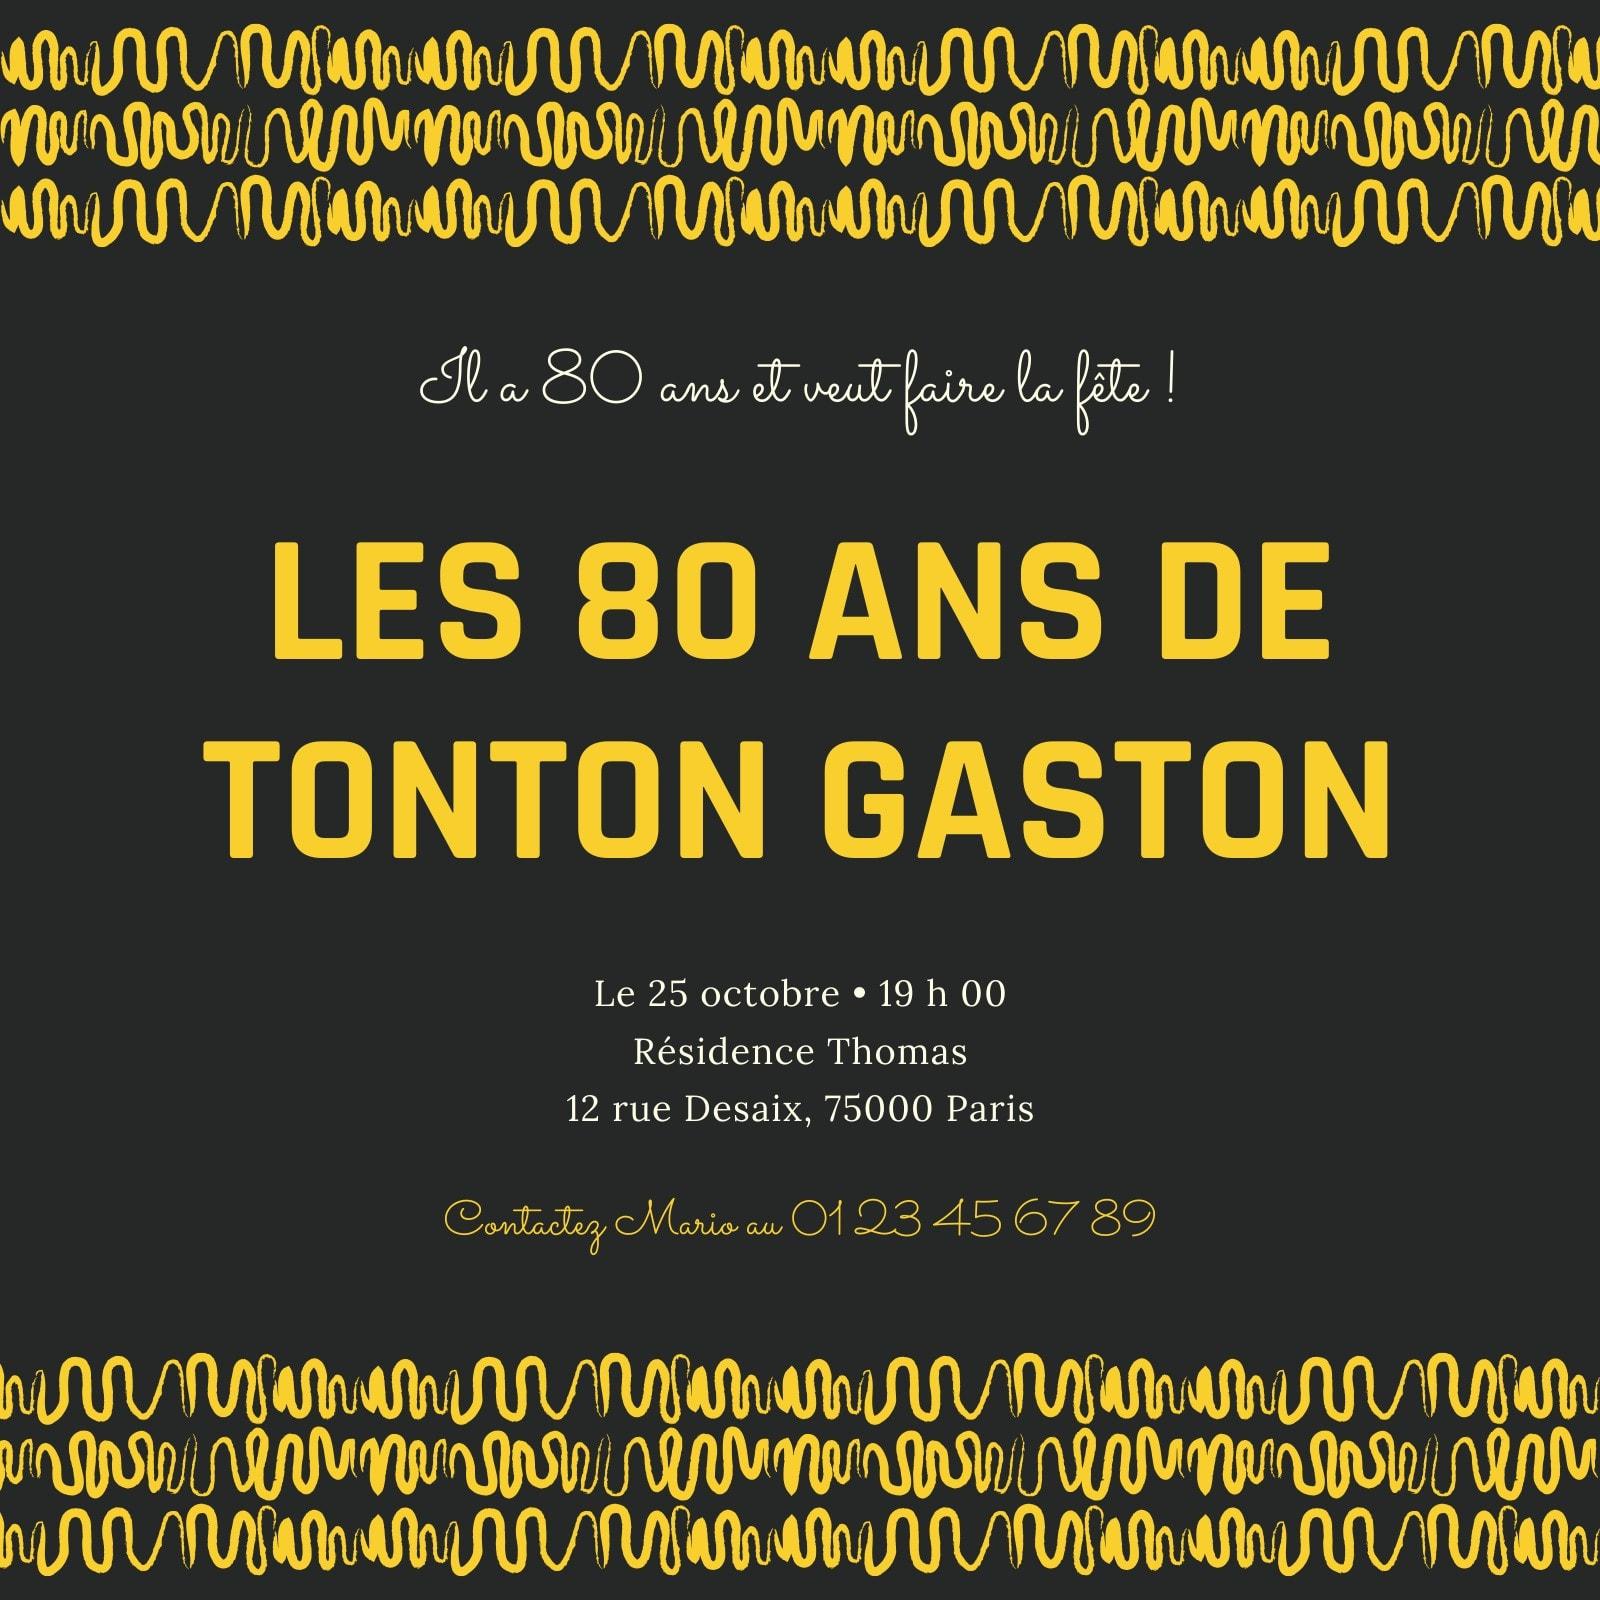 Noir Jaune Coups de pinceau 80e Anniversaire Invitation